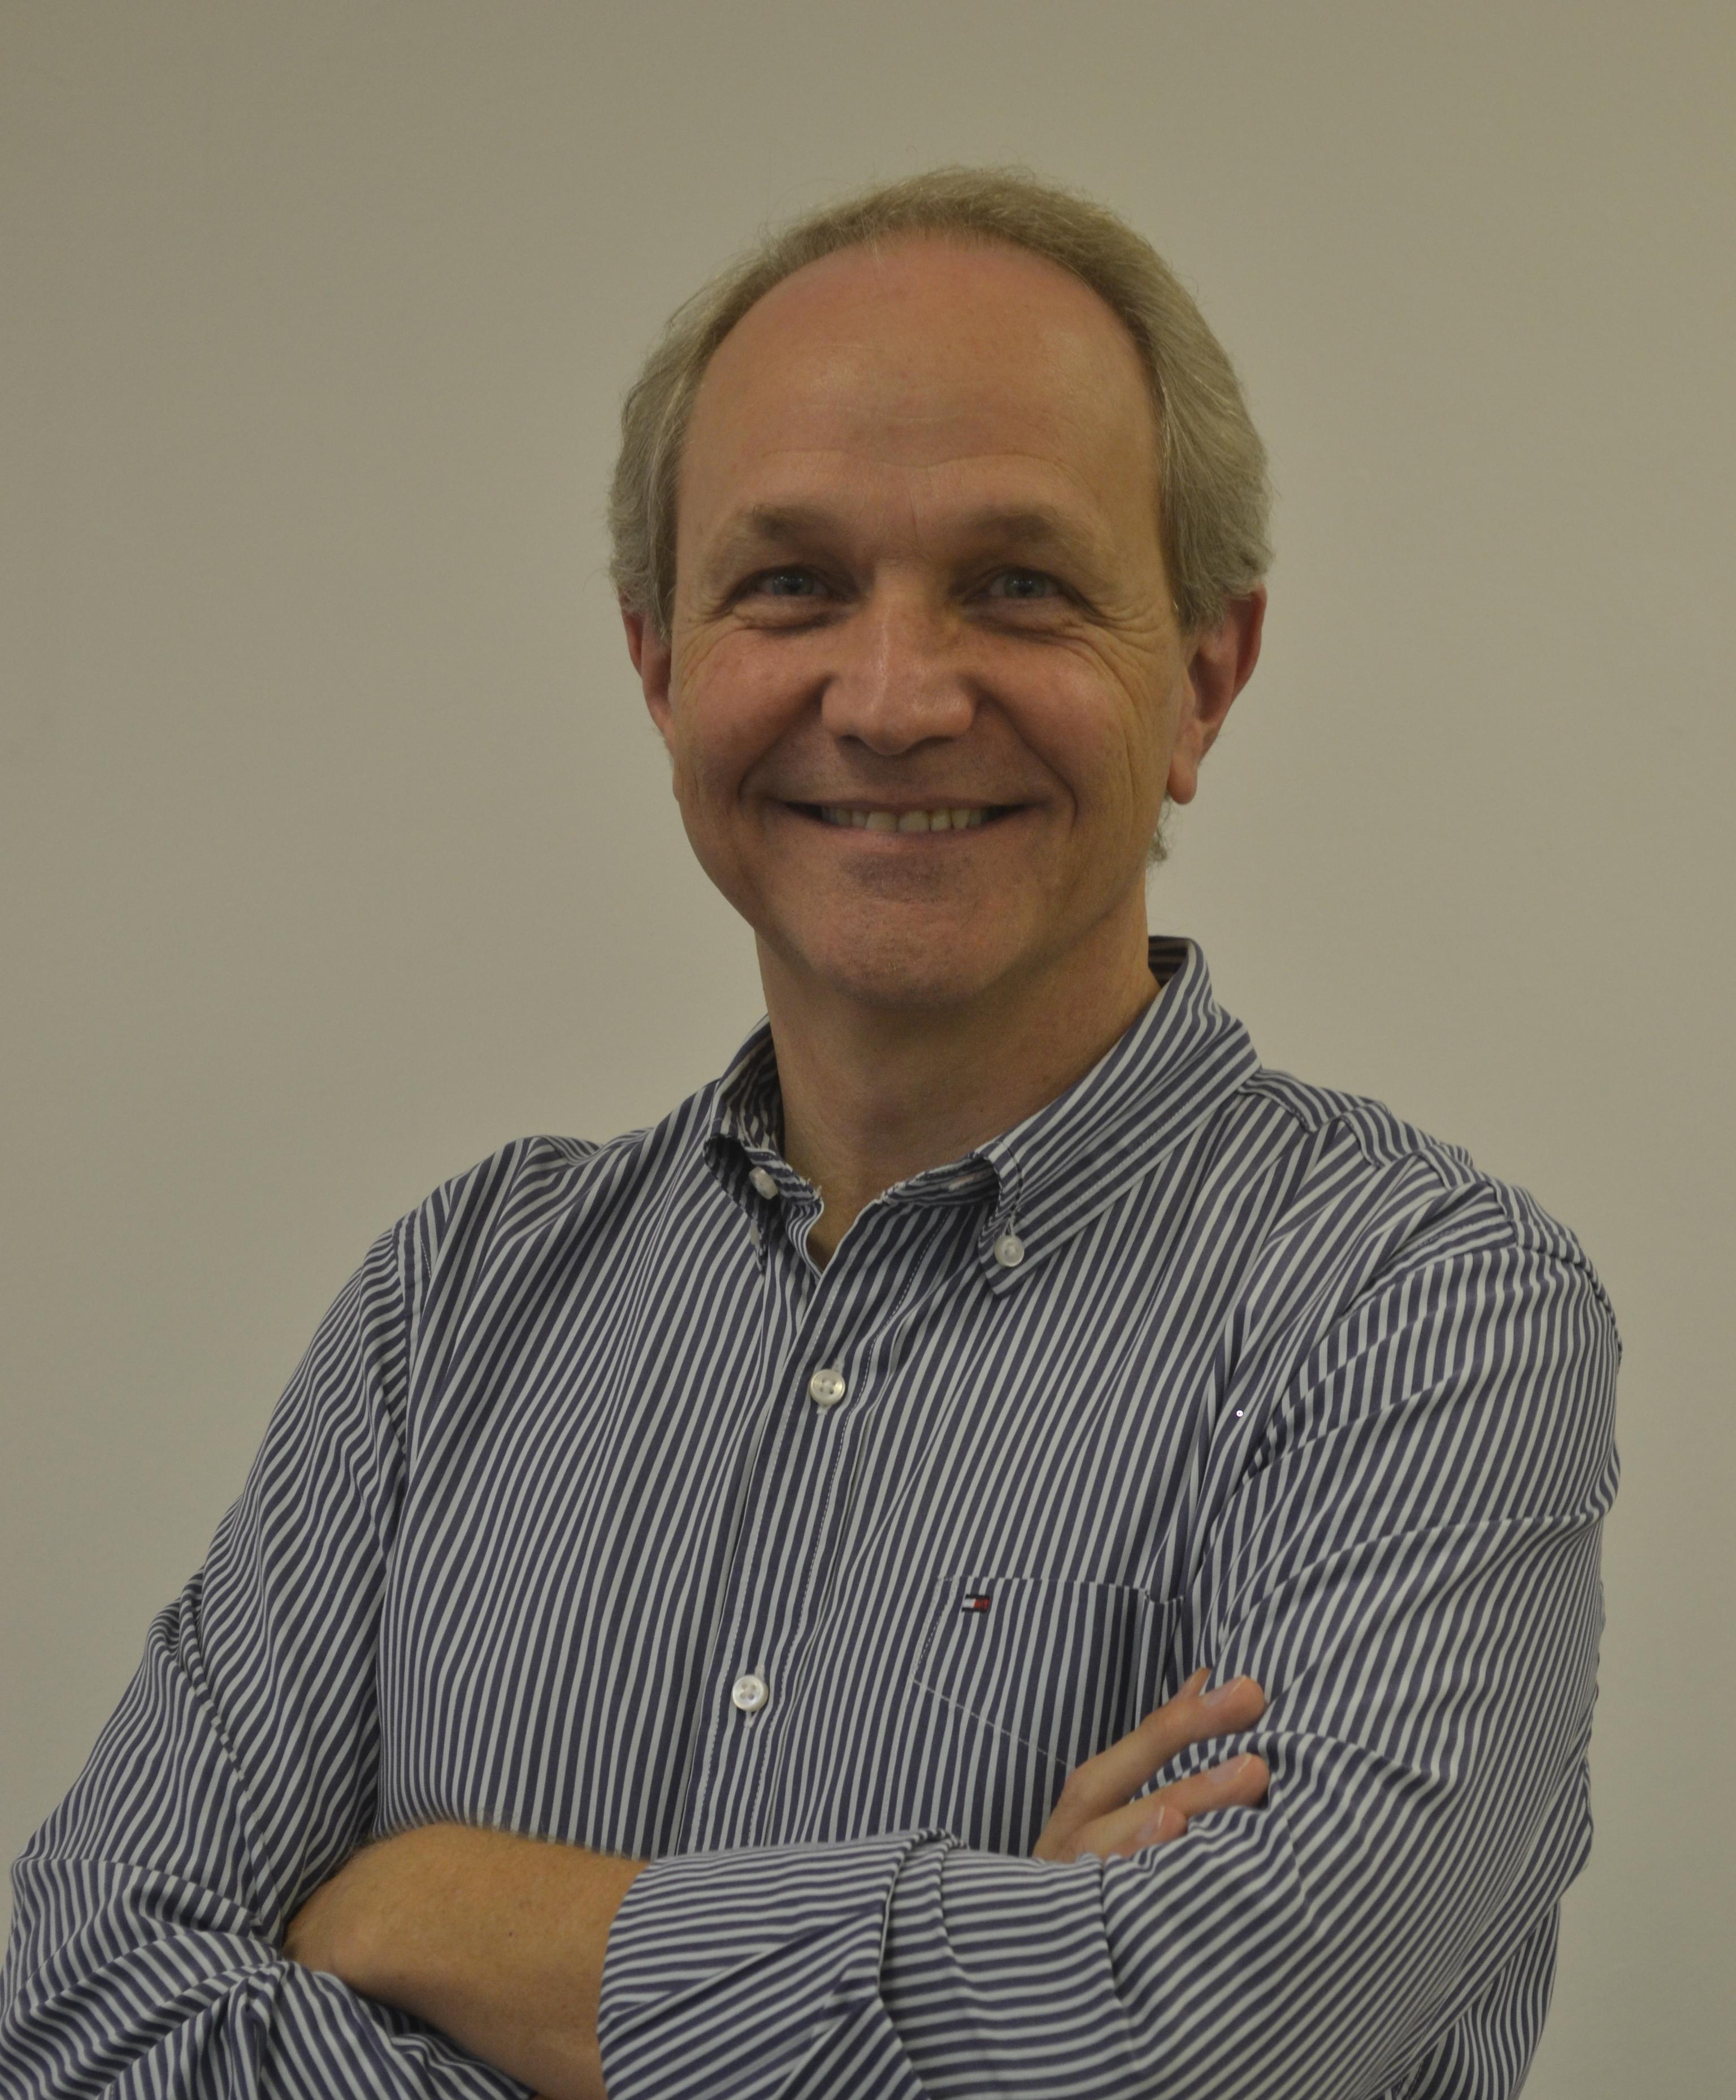 Silvio Gardin